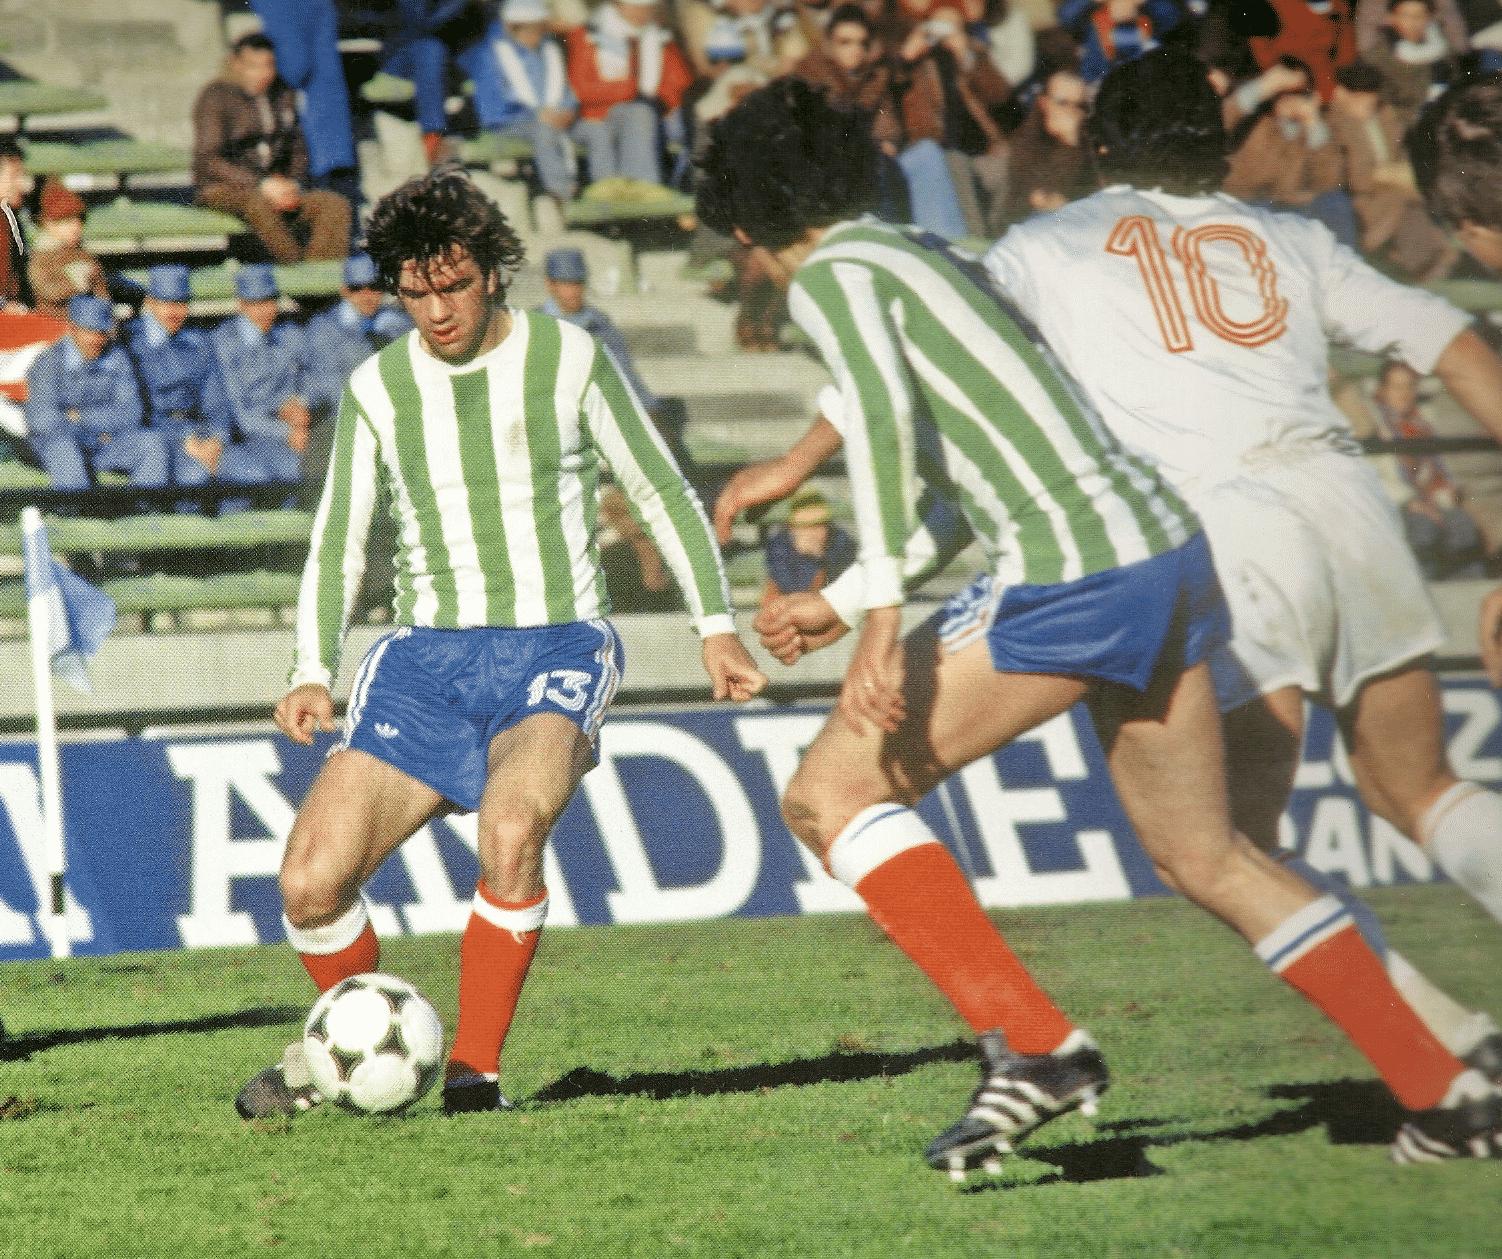 Le top 10 des maillots historiques de l 39 quipe de france - Equipe de france 1982 coupe du monde ...